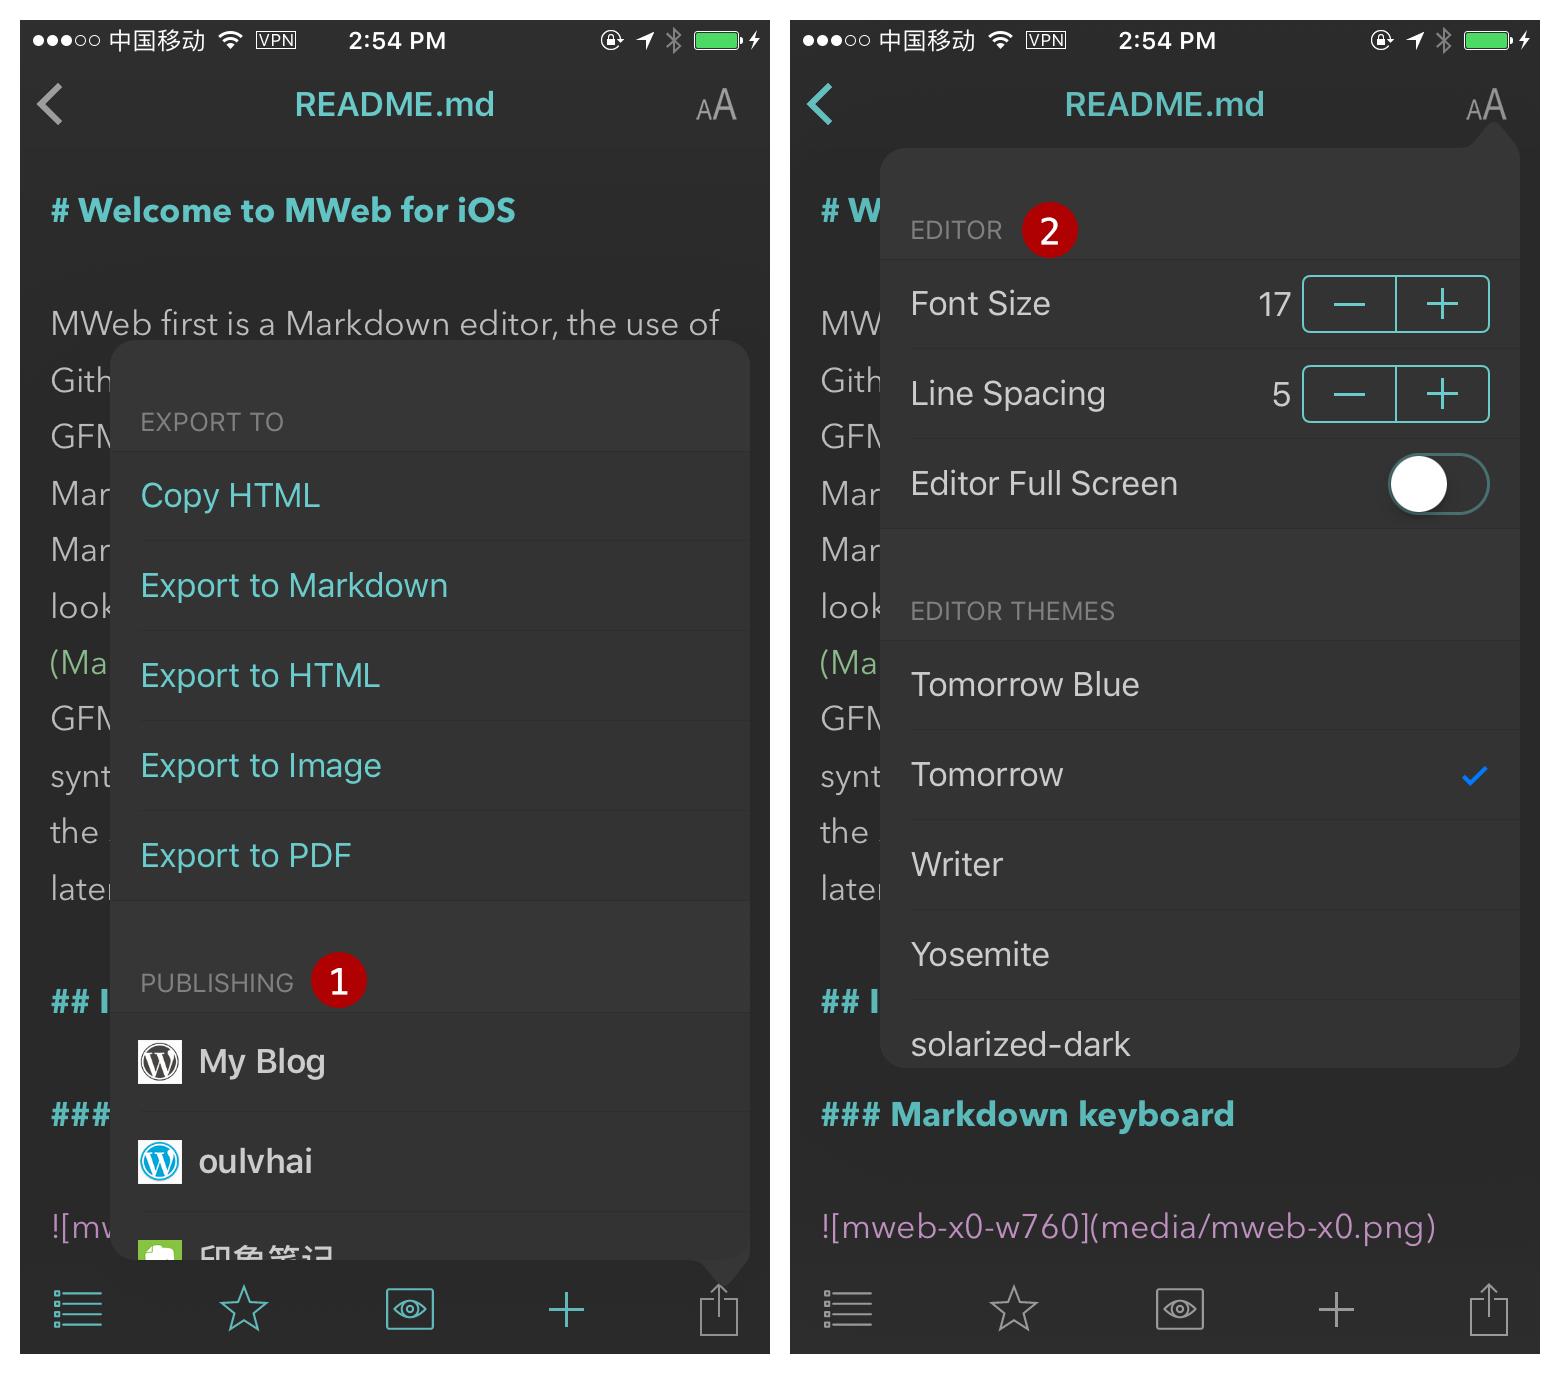 Introducing to MWeb for iOS - MWeb